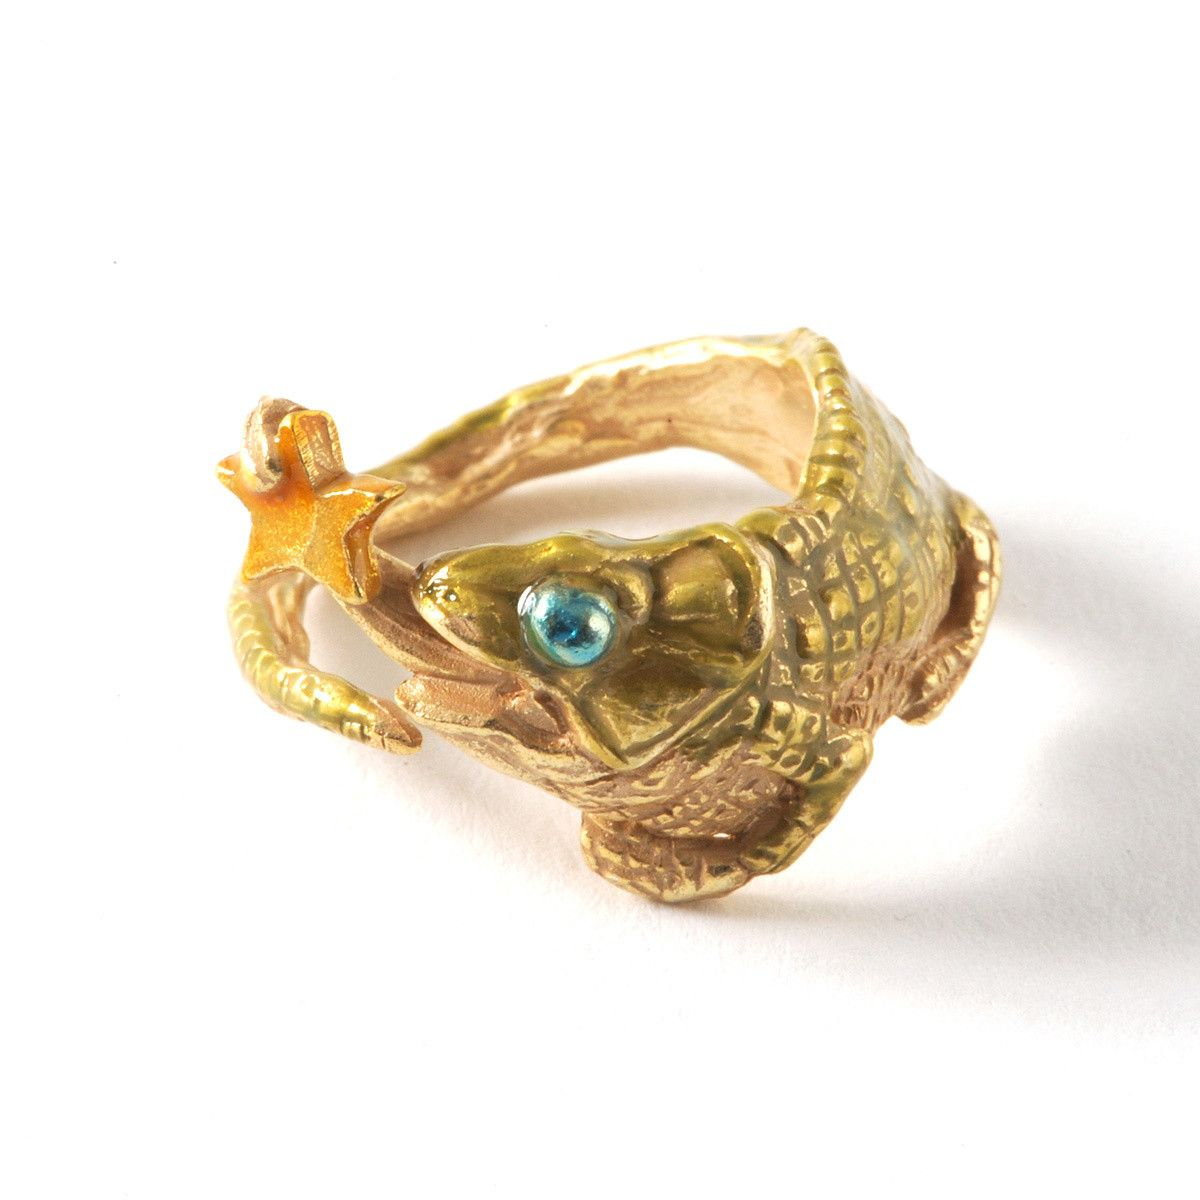 Palnart Poc Chameleon Ring   Chameleons, Lizards and Ring